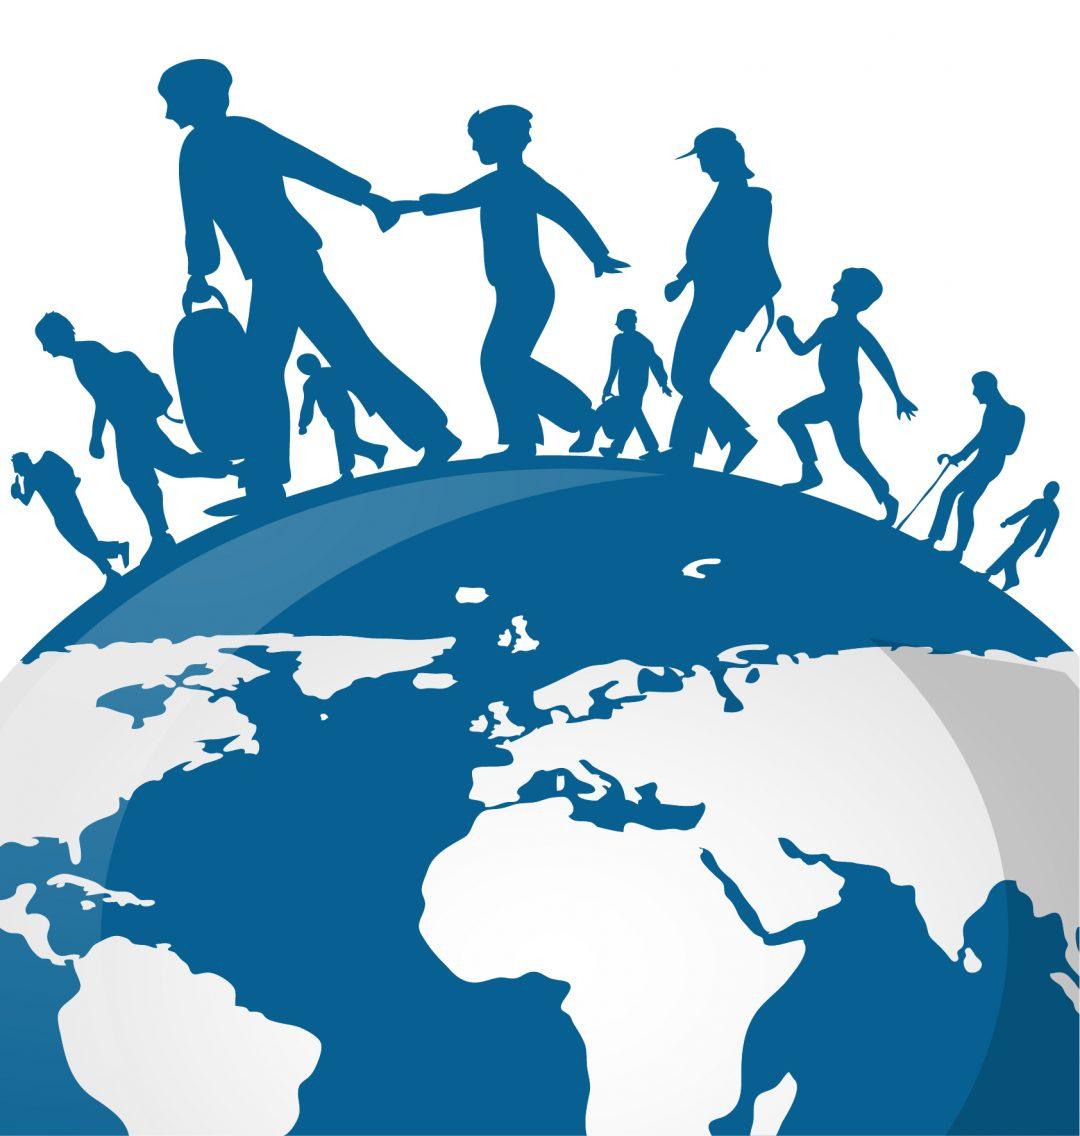 Küresel göç ve küreselleşmenin çıkmazı